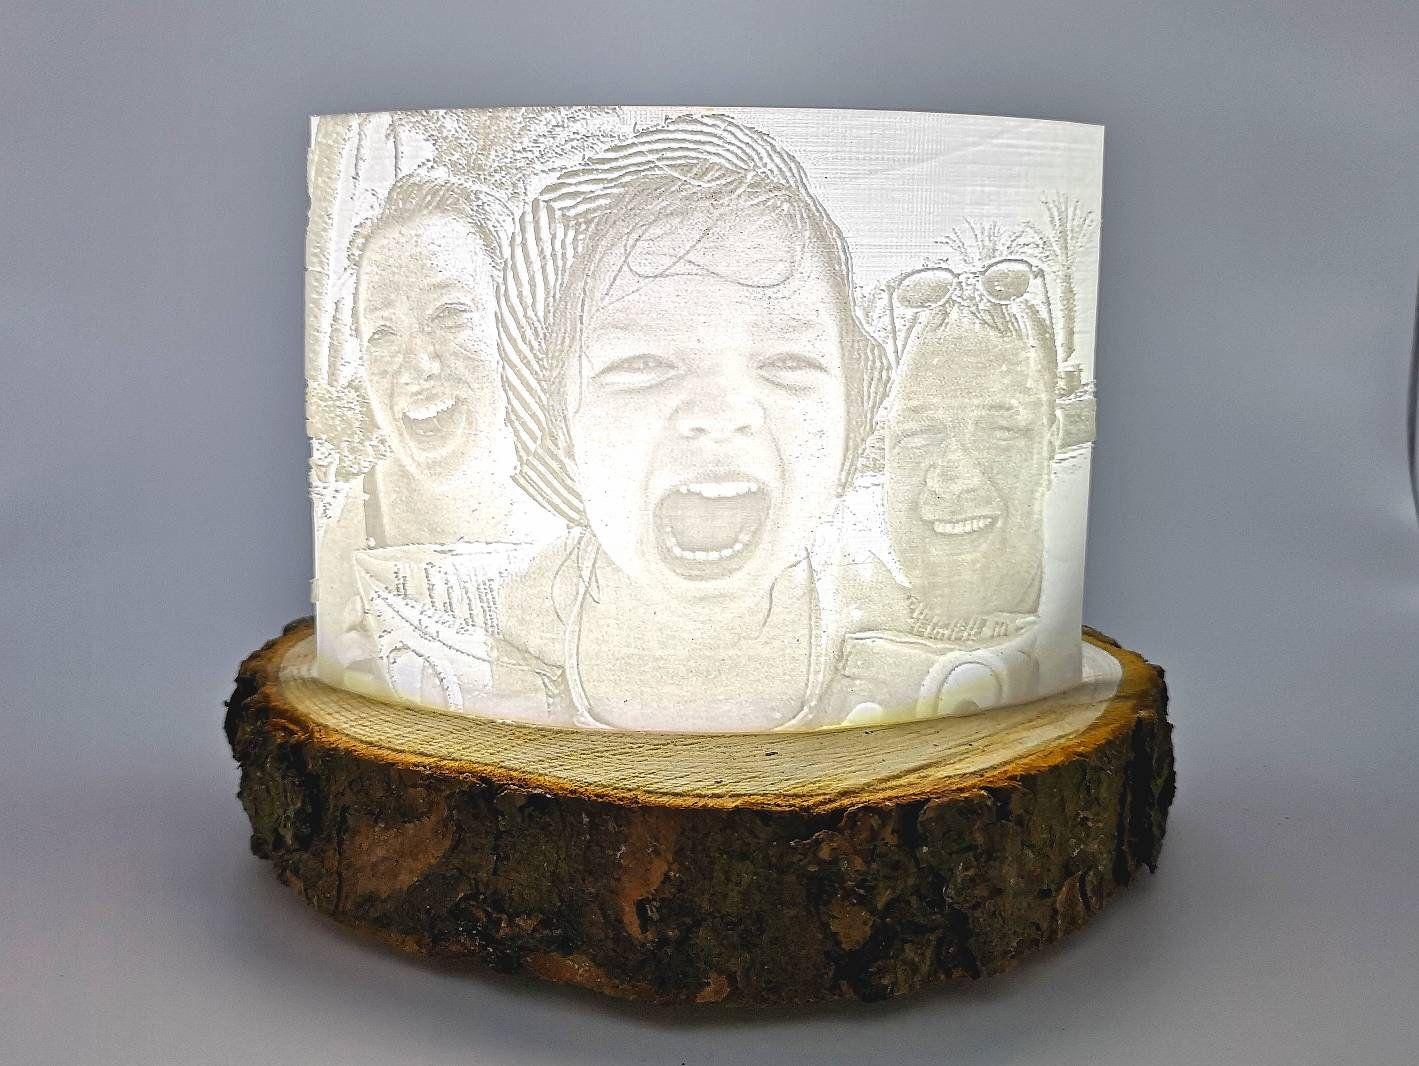 3d Foto Lithophanie Mit Baumscheibe Und Lampe Decor Vase Home Decor